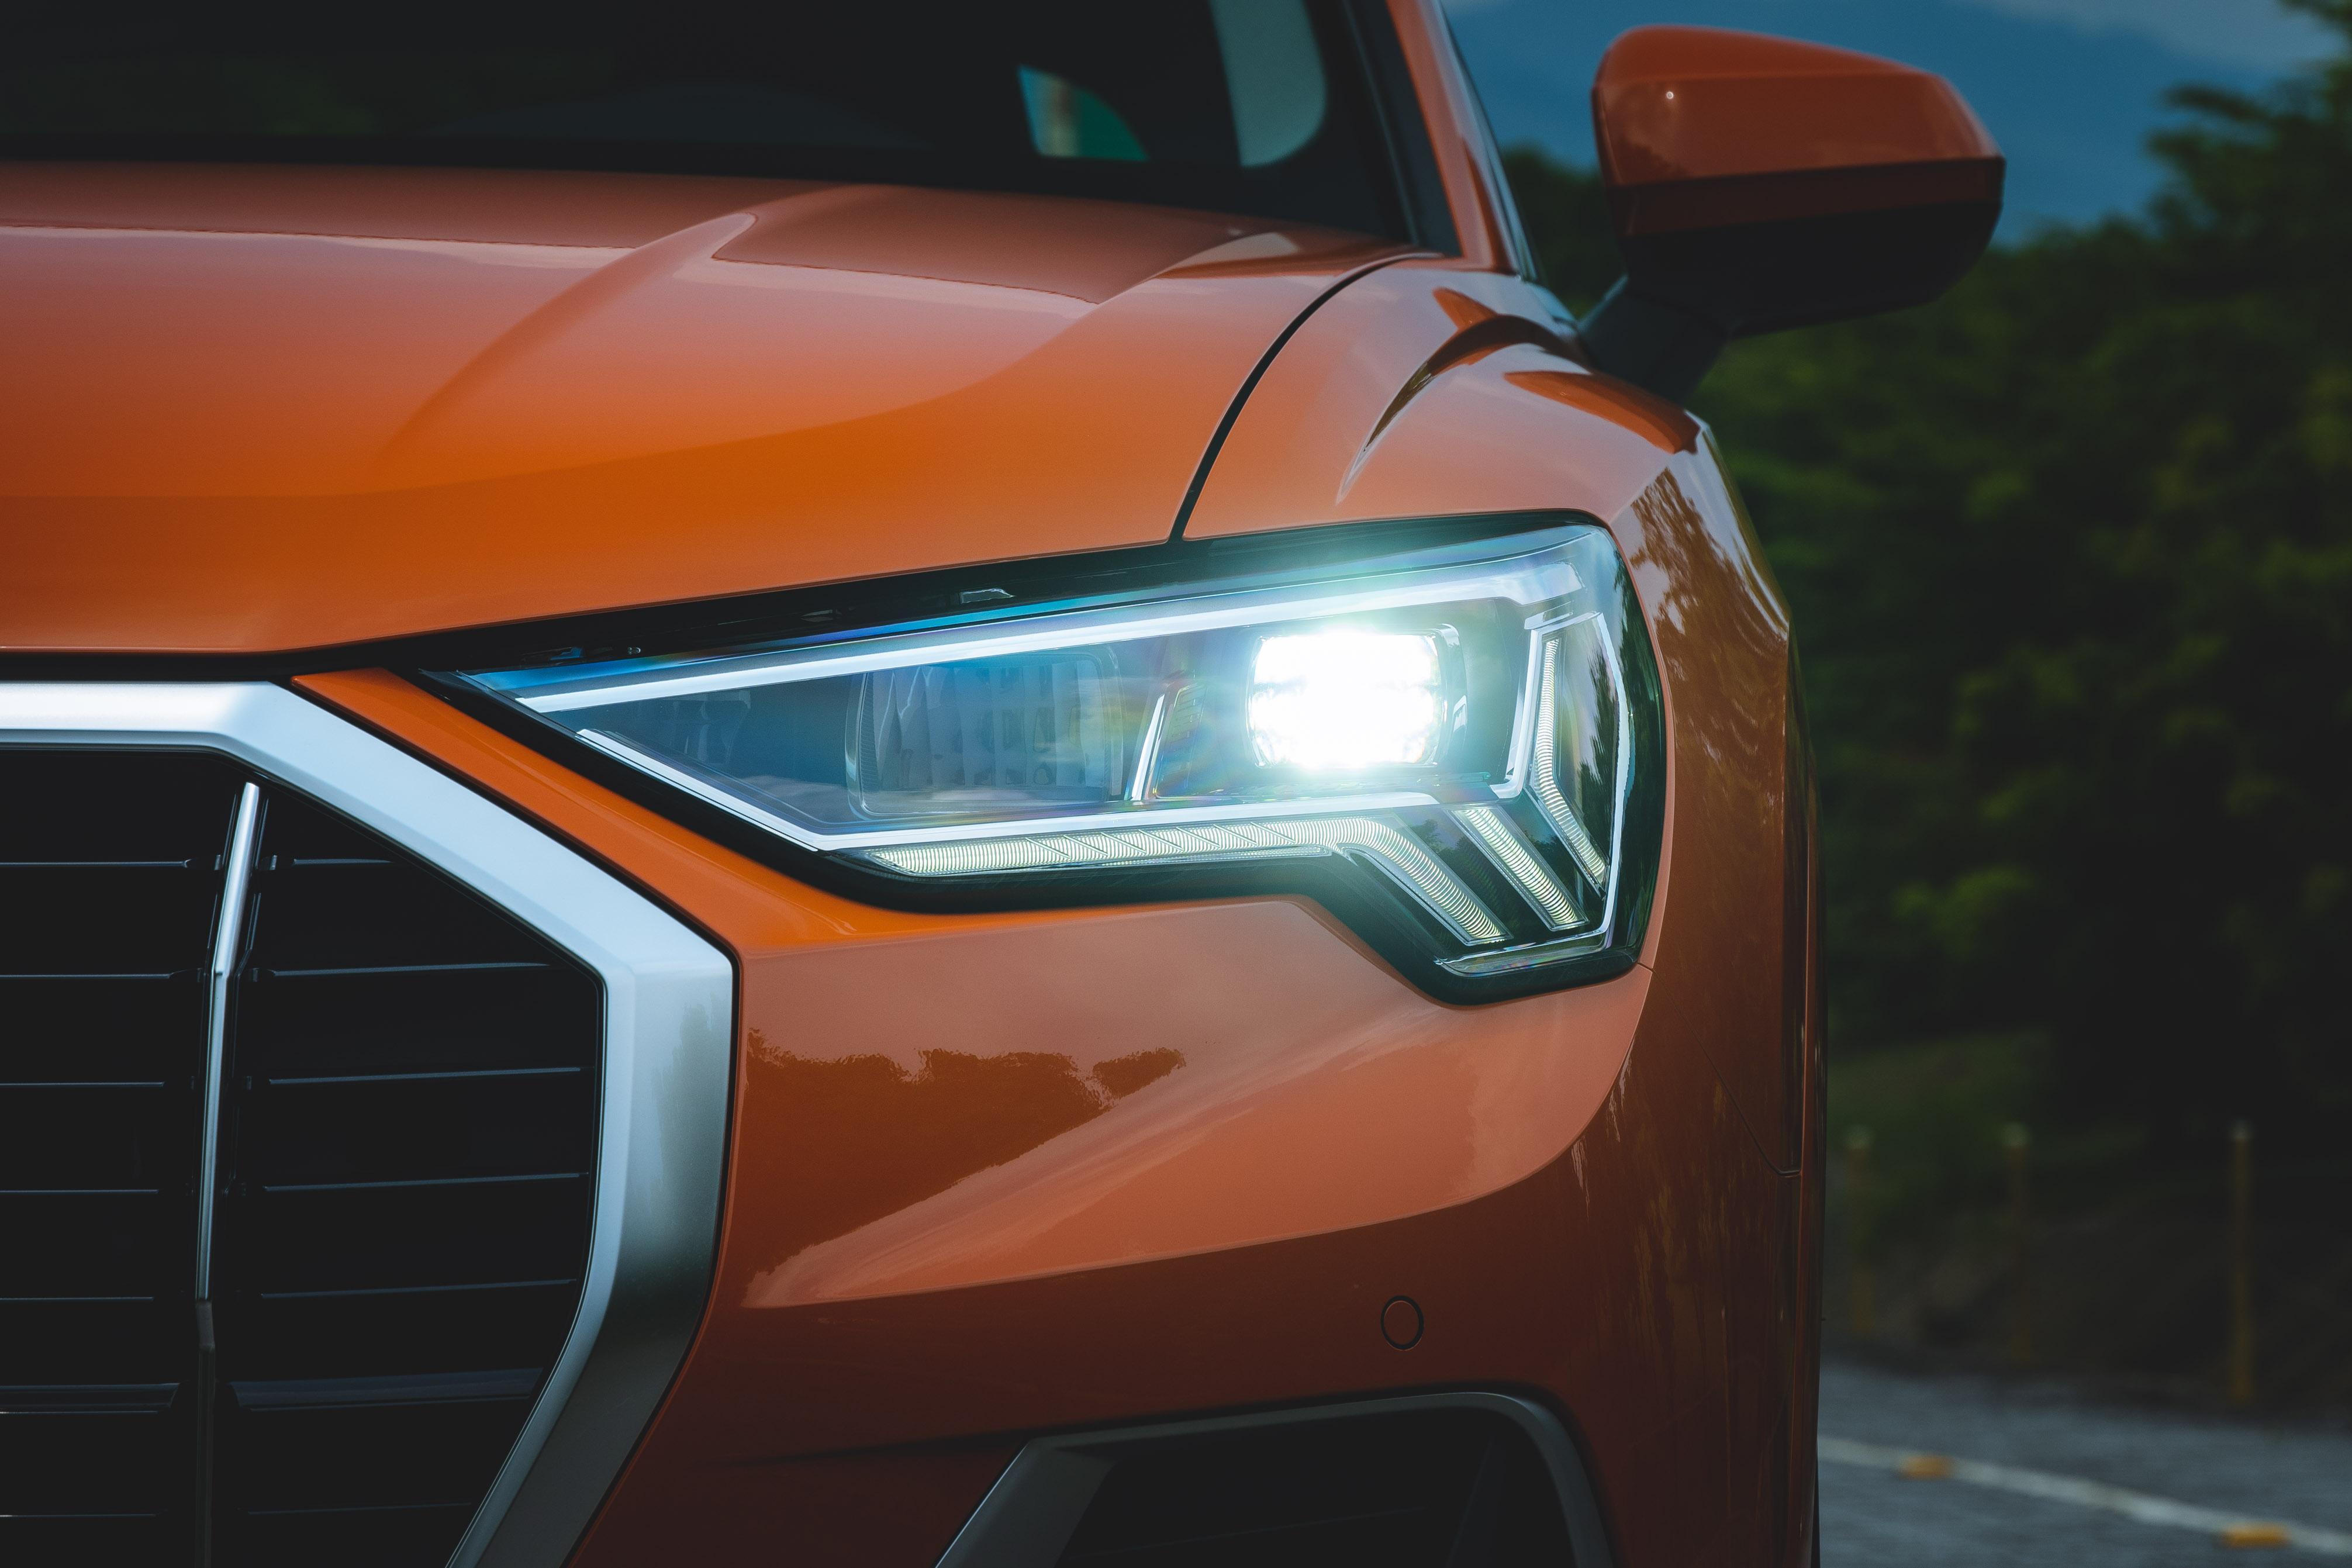 全車系標配 LED 極光頭燈組。